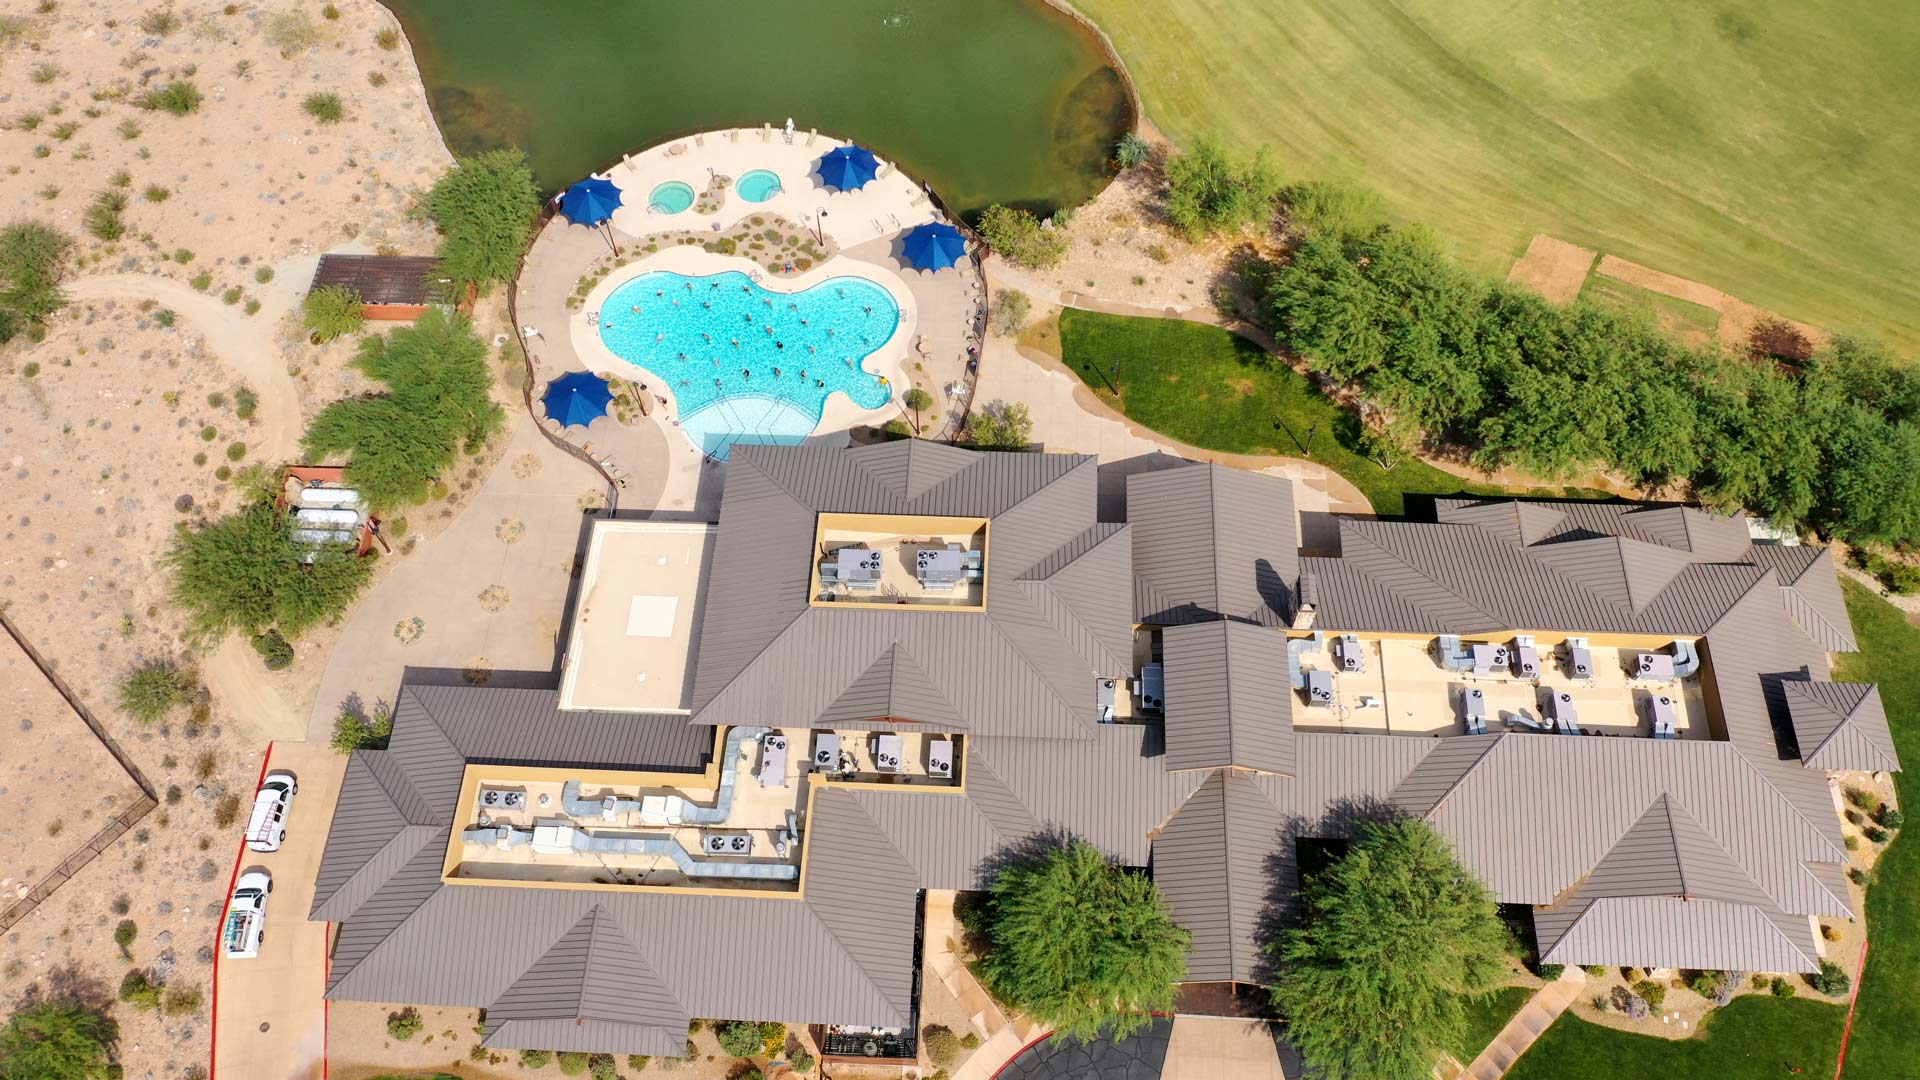 Sun City Mesquite Nevada Club House